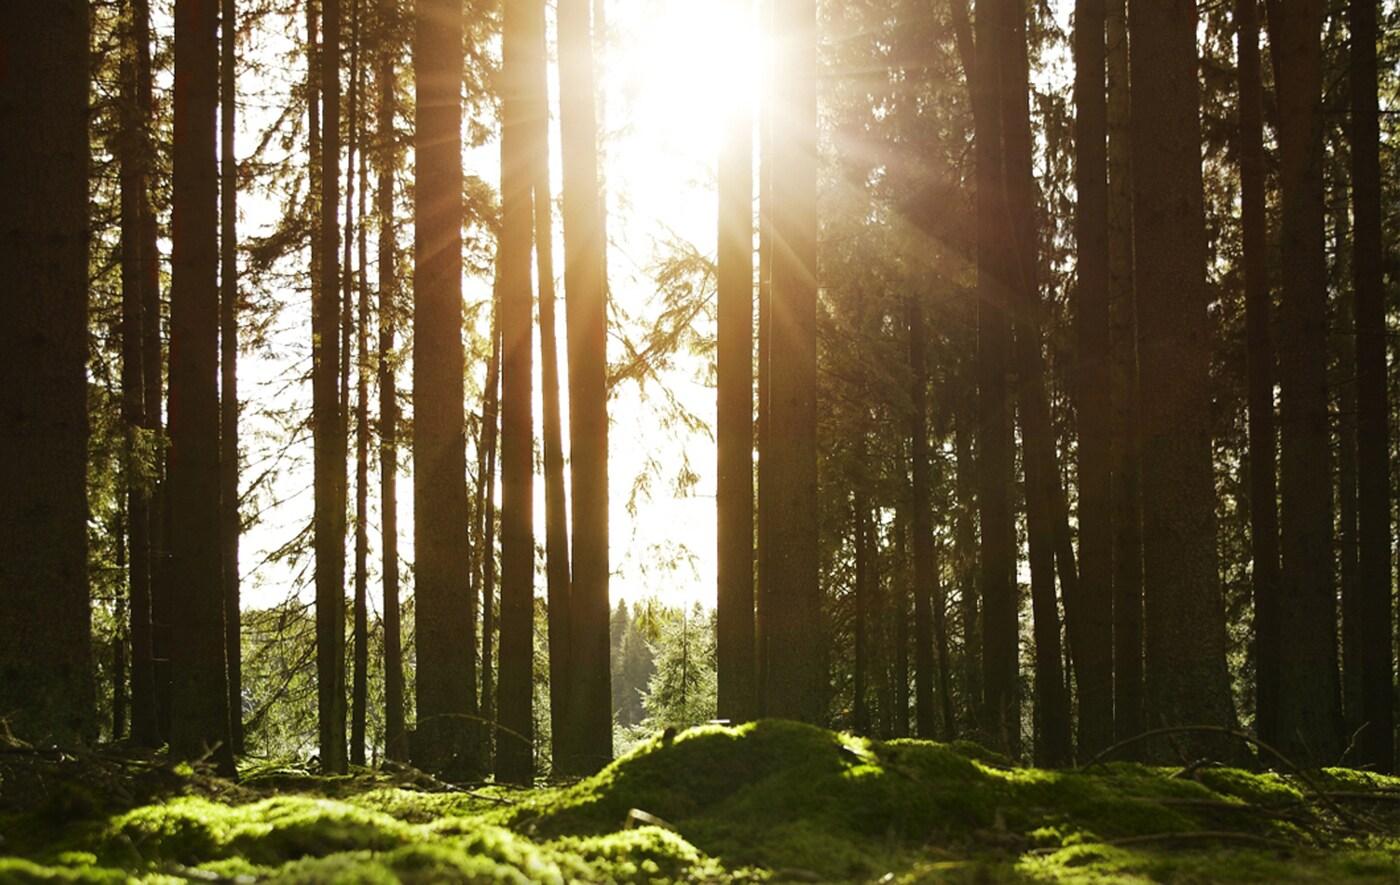 ضوء الشمس يخترق الأشجار في غابة صنوبر.